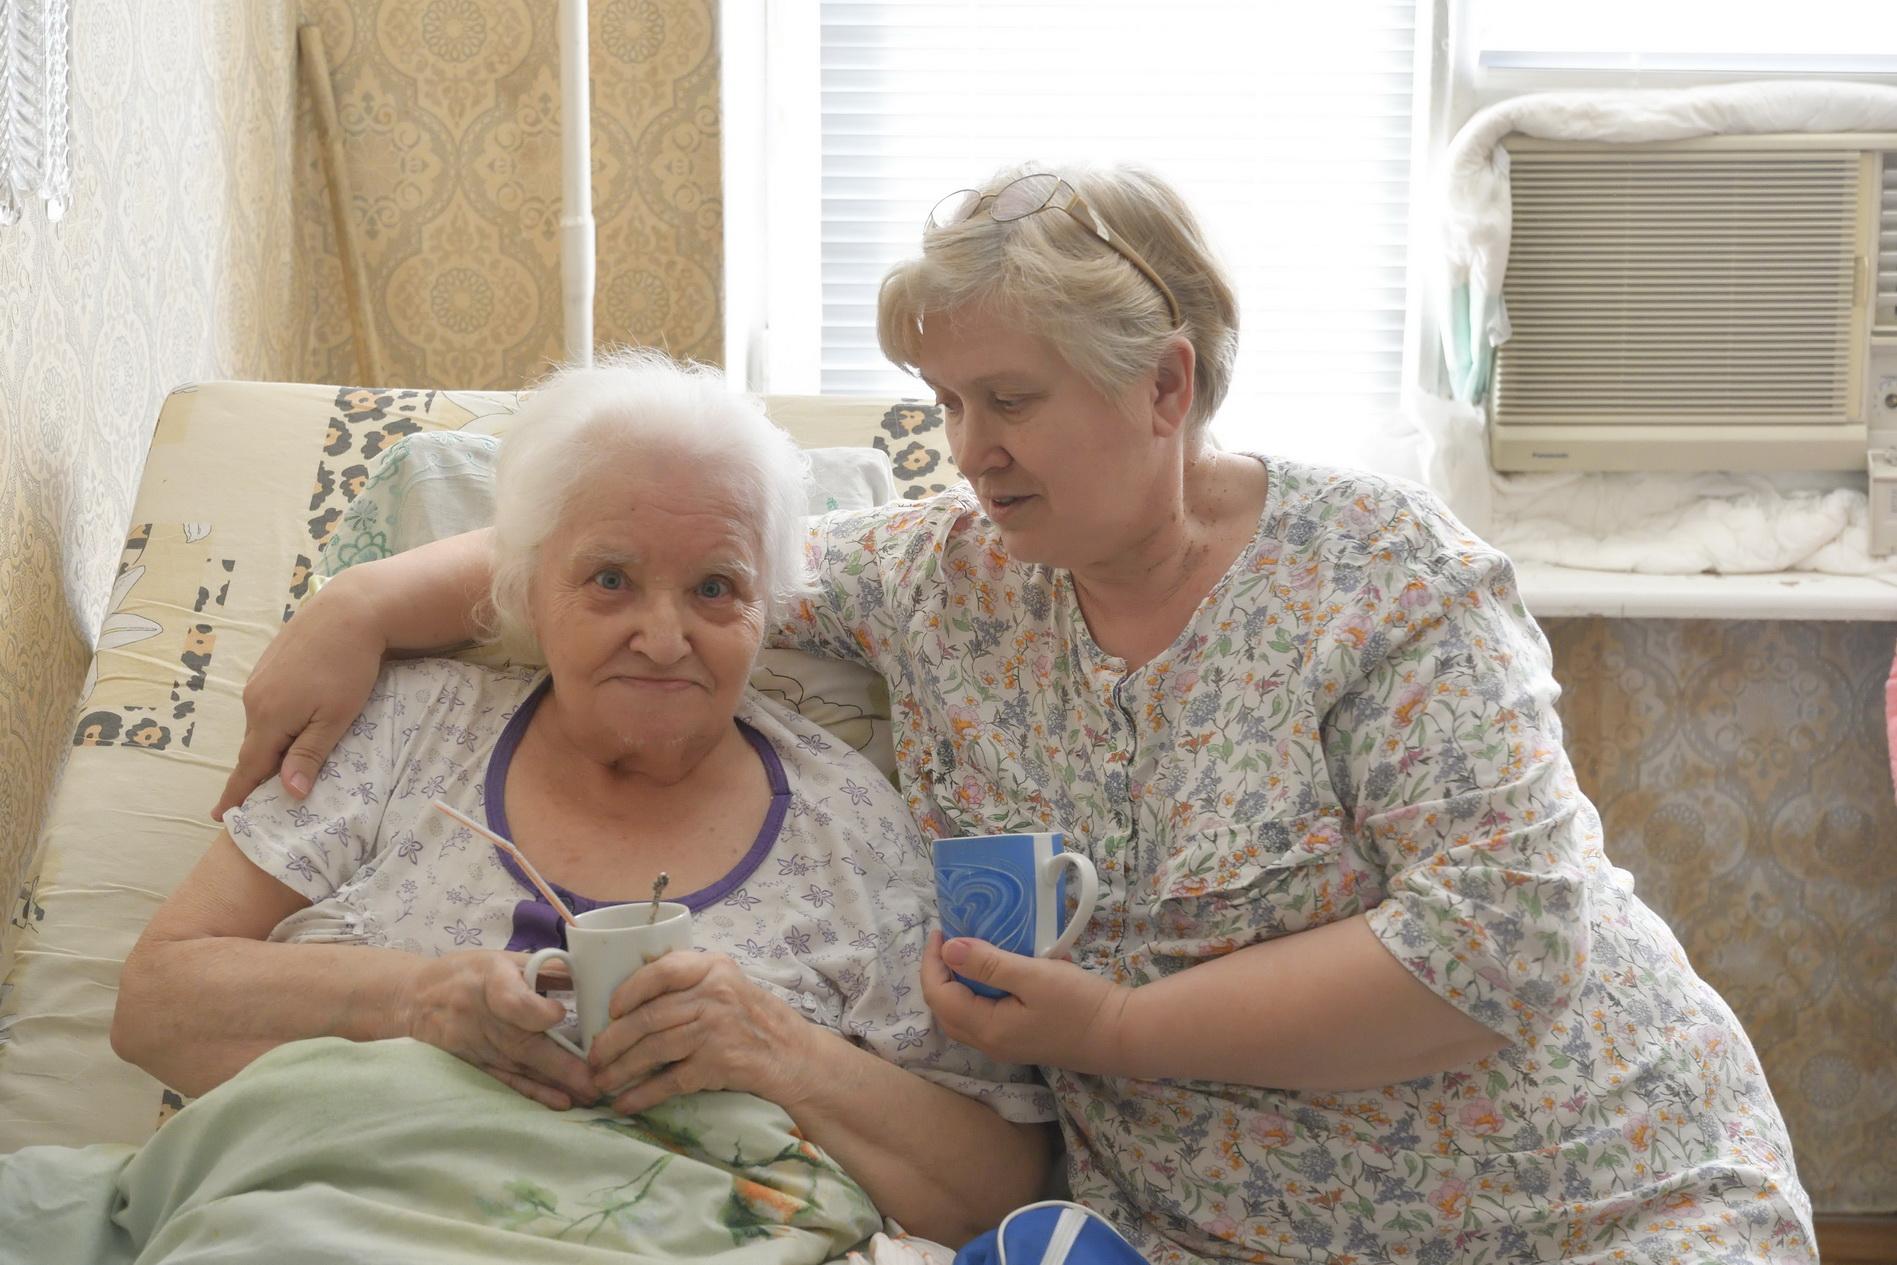 В Новороссийске зарегистрировано одиннадцать приемных семей, где опеку над пожилыми взяли чужие люди